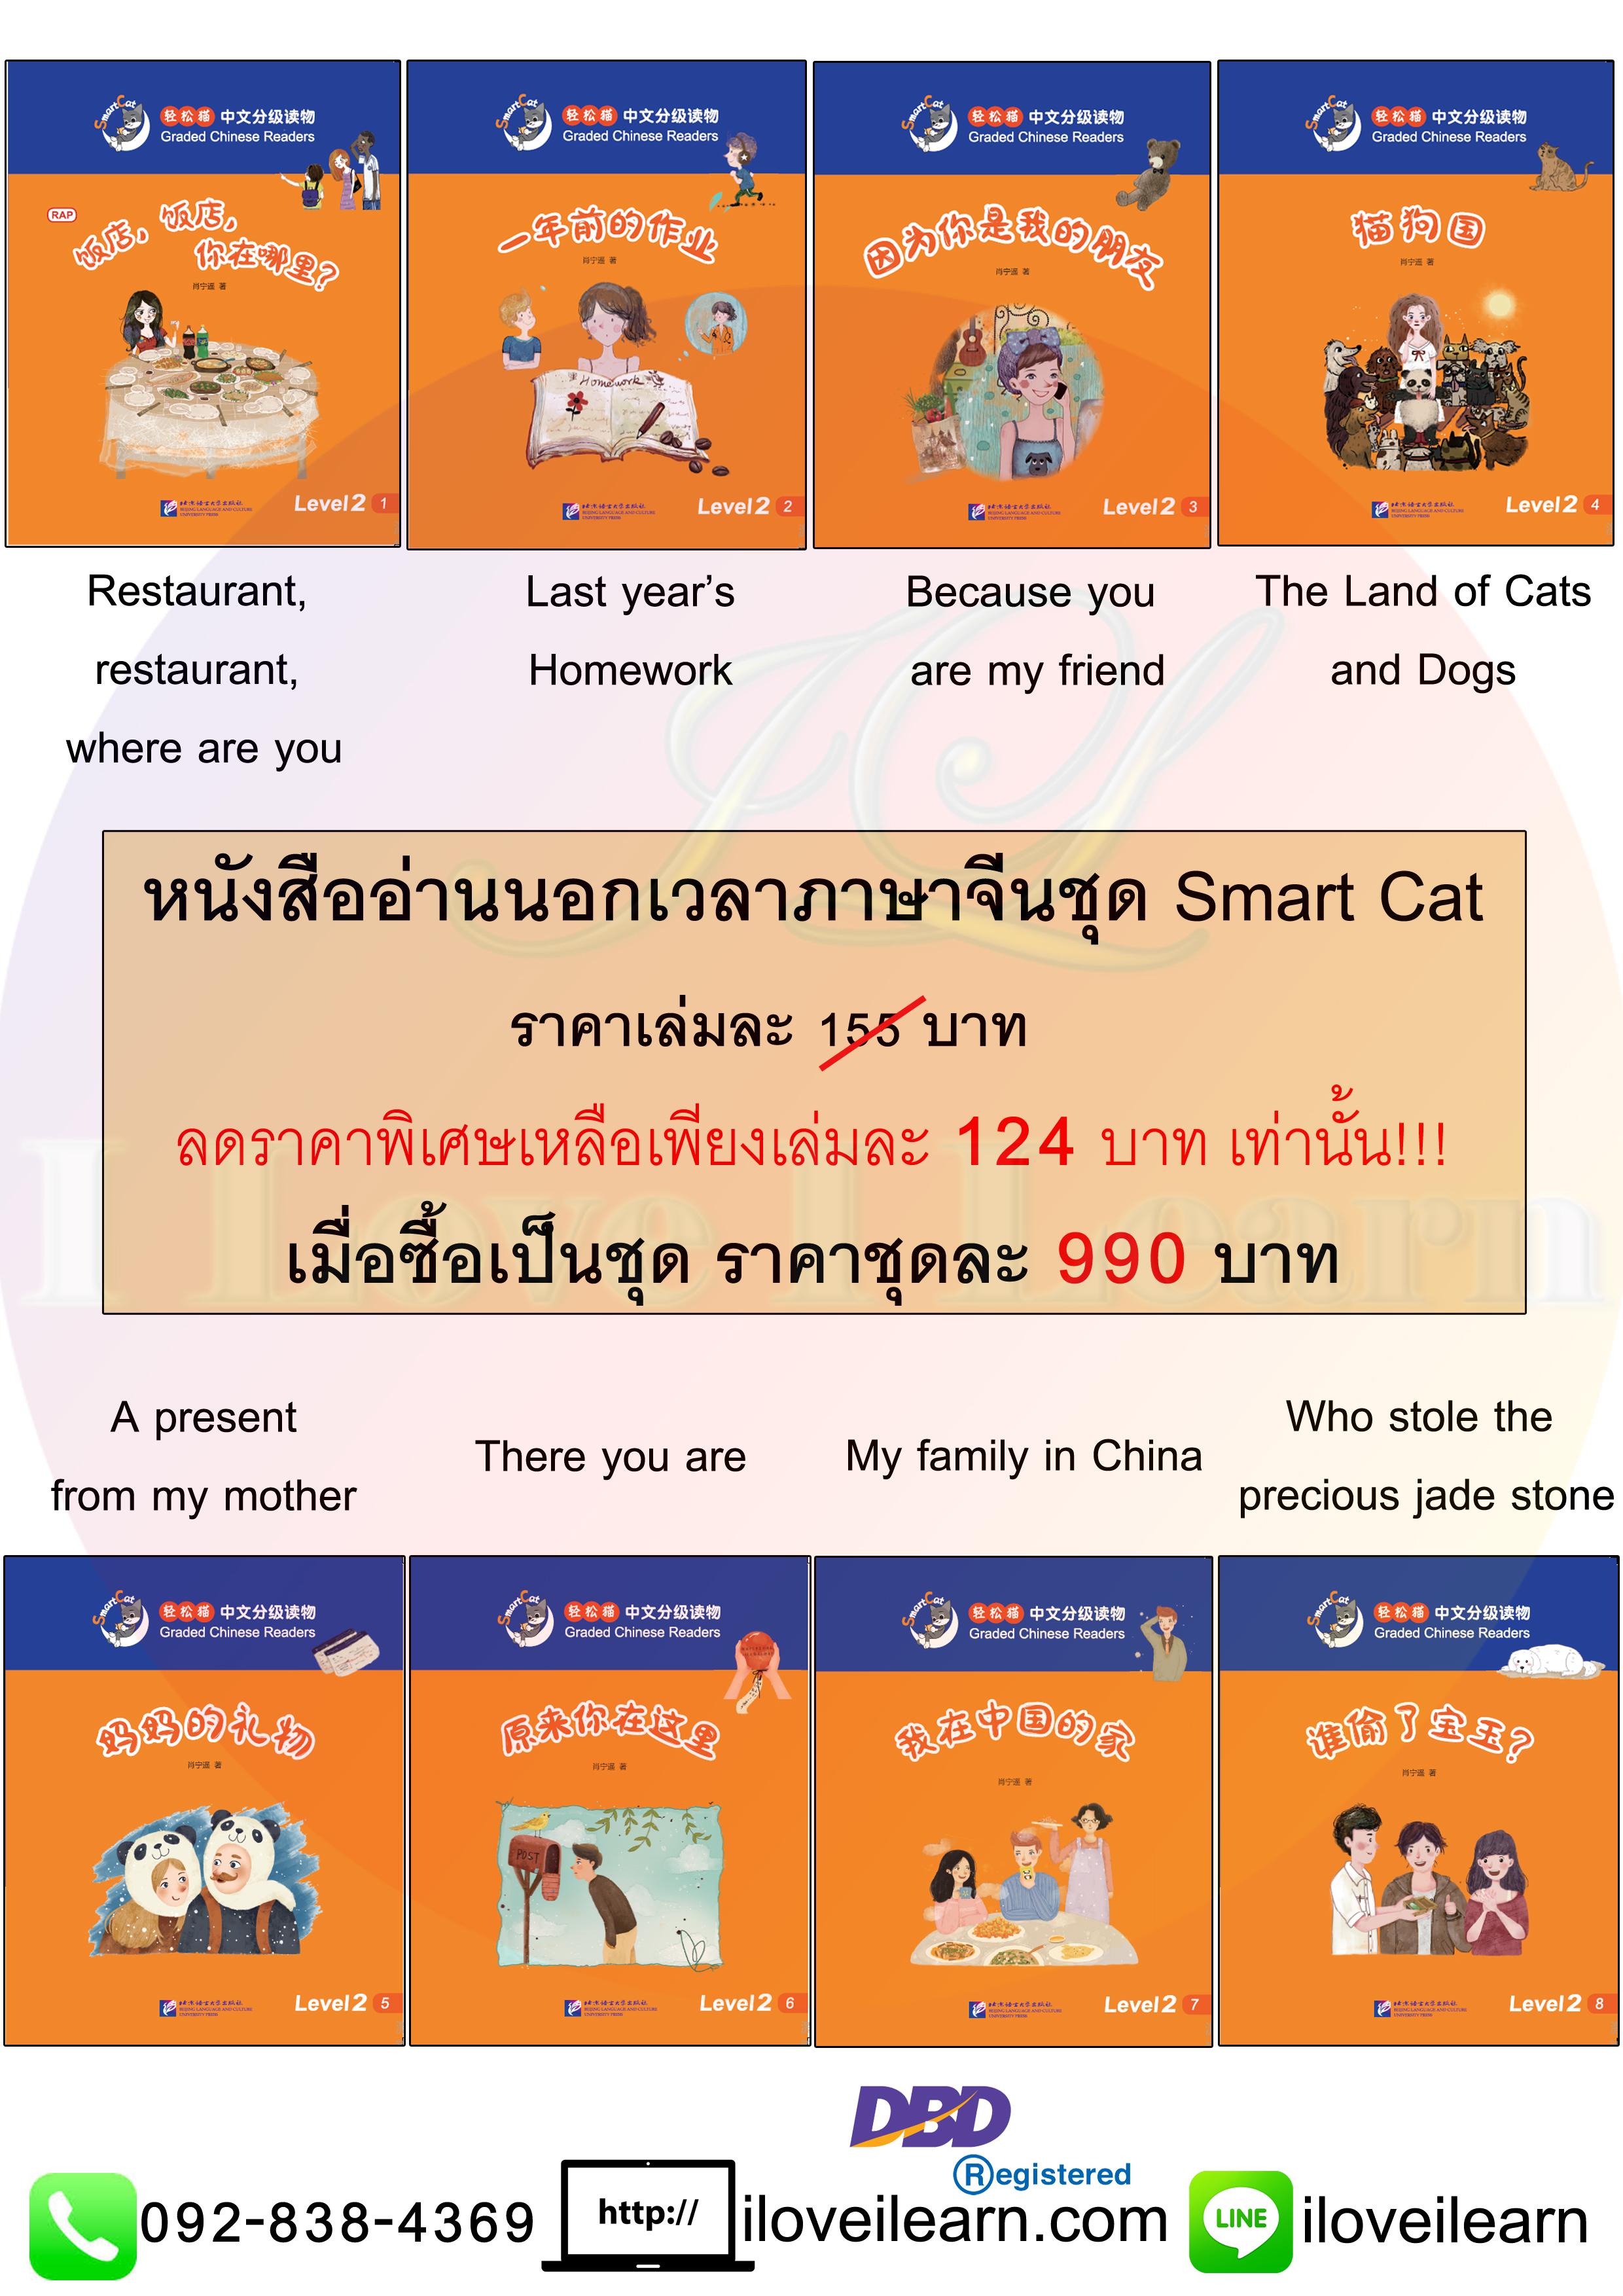 ชุดหนังสิออ่านนอกเวลาภาษาจีนเรื่อง Smart Cat ระดับ 2